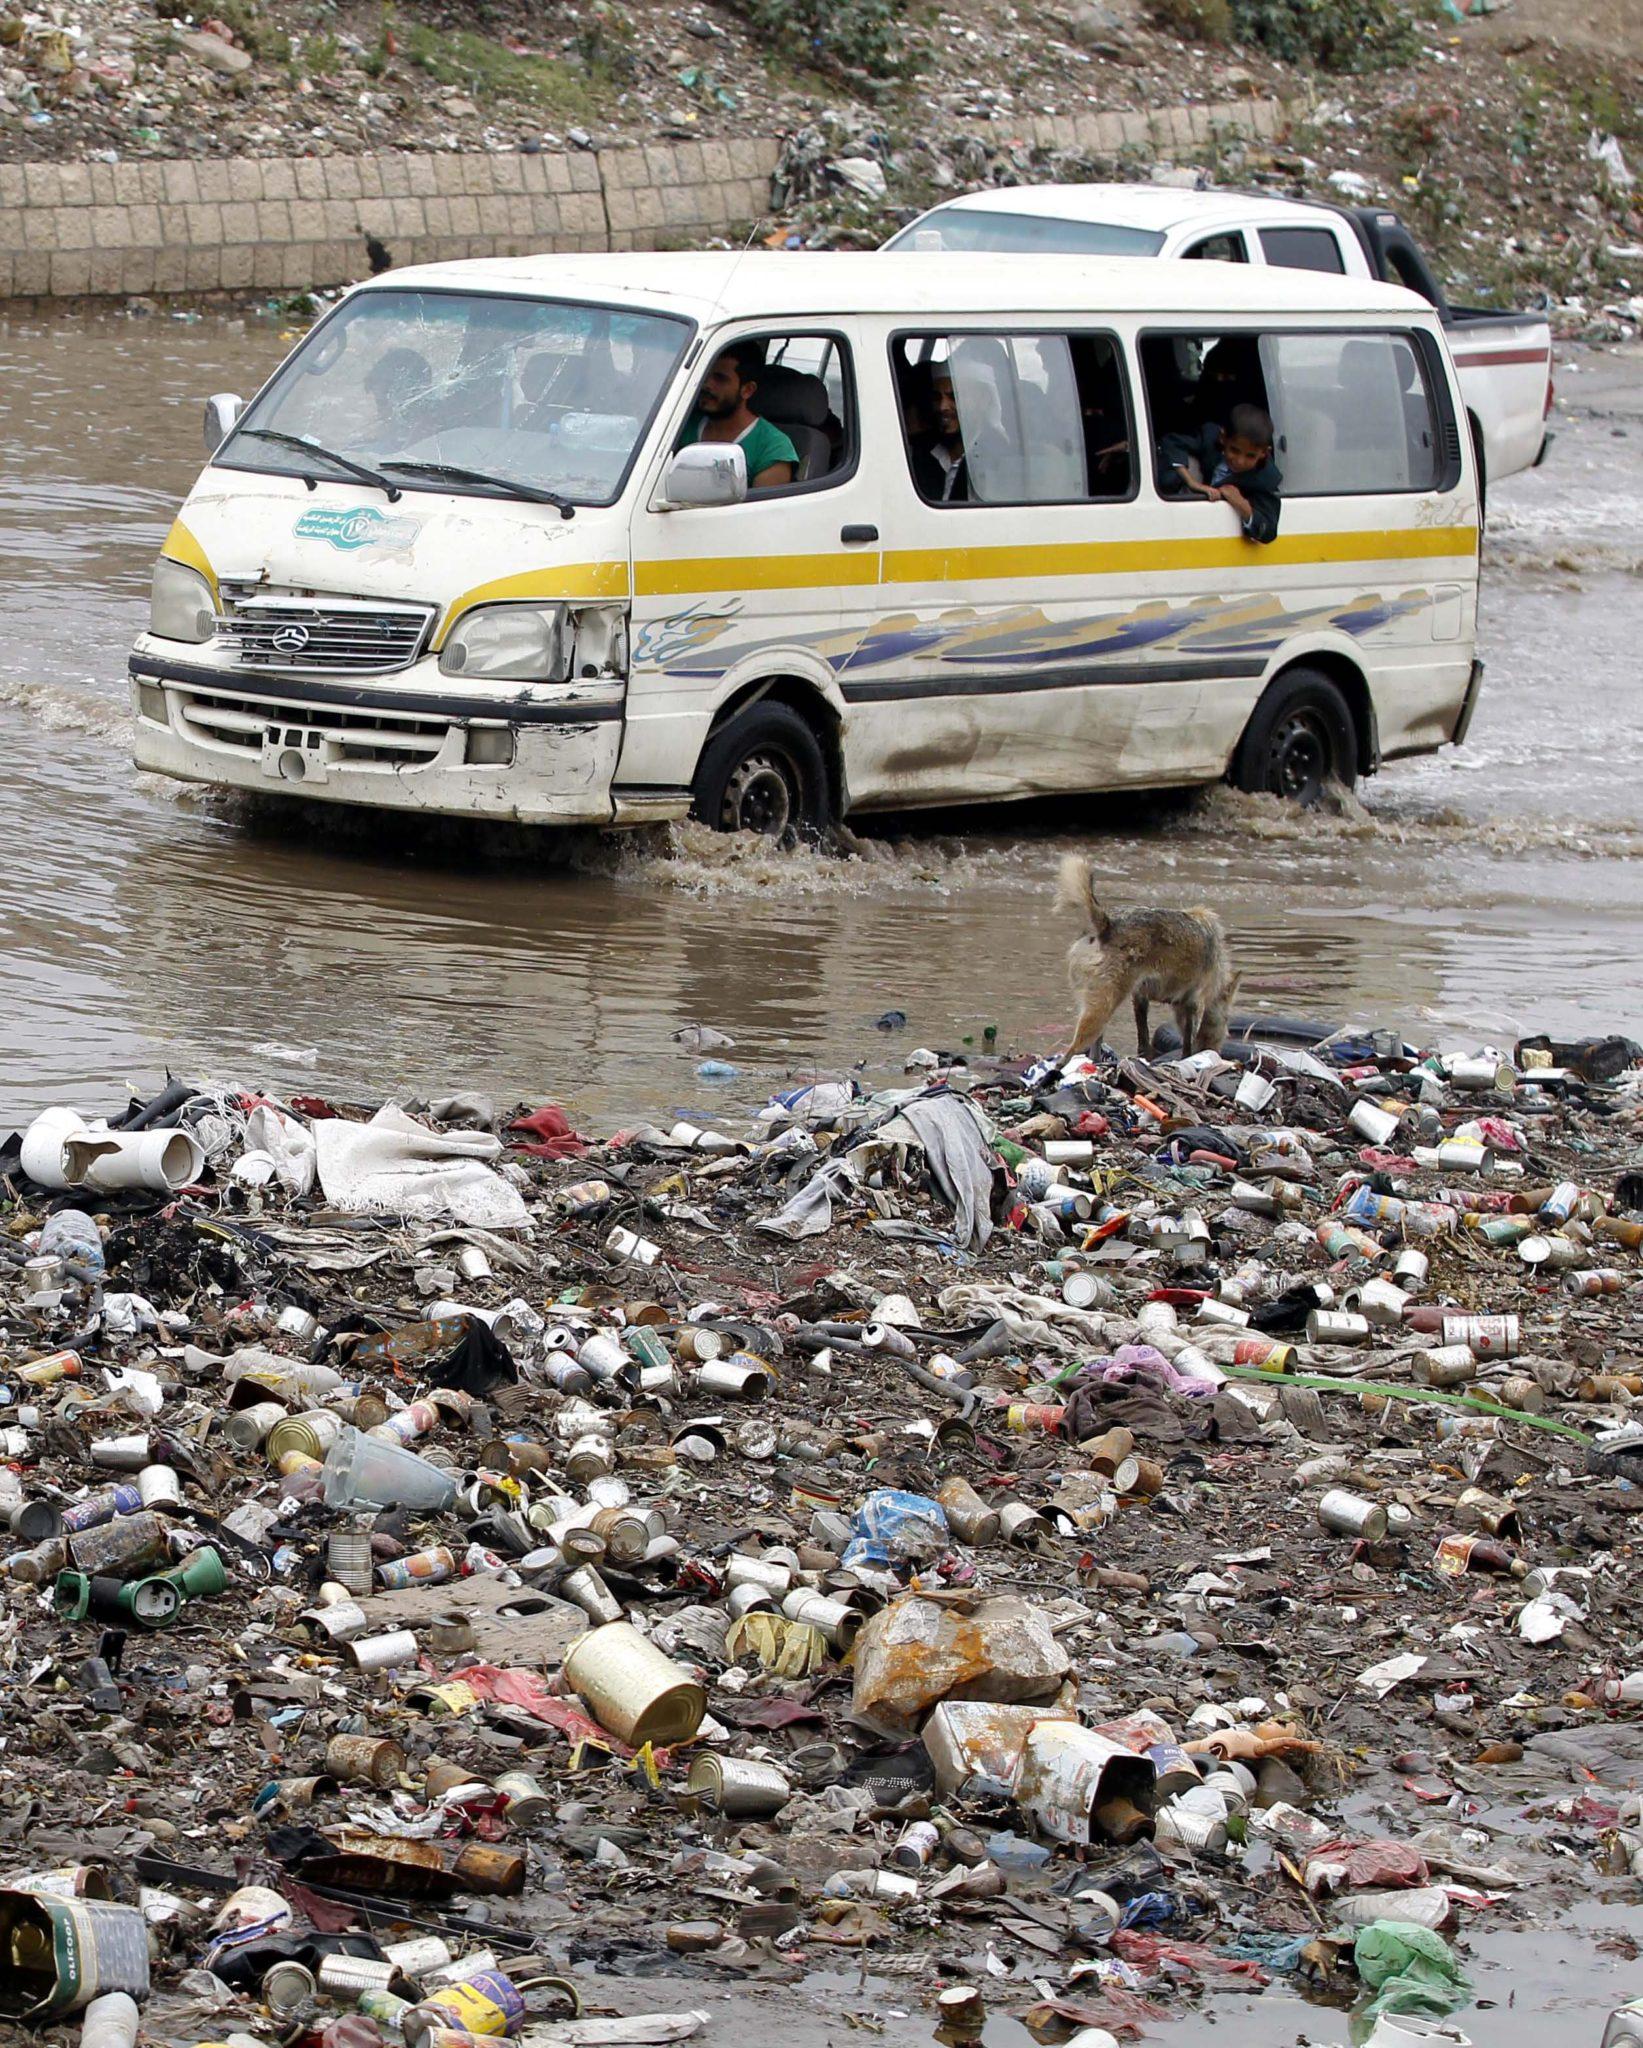 Jemen, Autobusy przejeżdżają przez zalaną drogę pokrytą odpadami po ciężkich deszczach w Sana'a, fot: Yahya Arhab, PAP/EPA